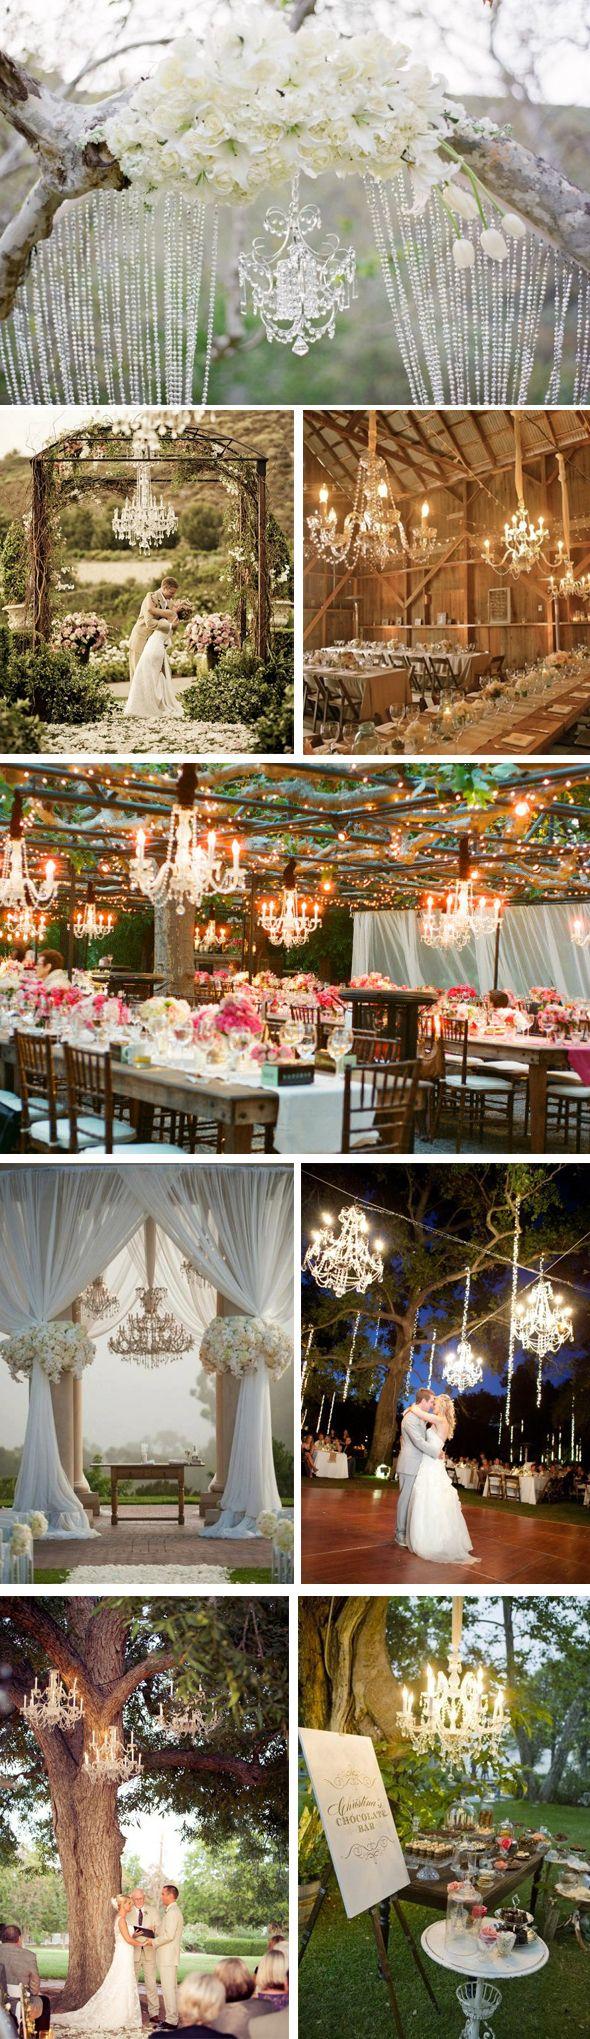 23 best outdoor wedding images on pinterest outdoor weddings